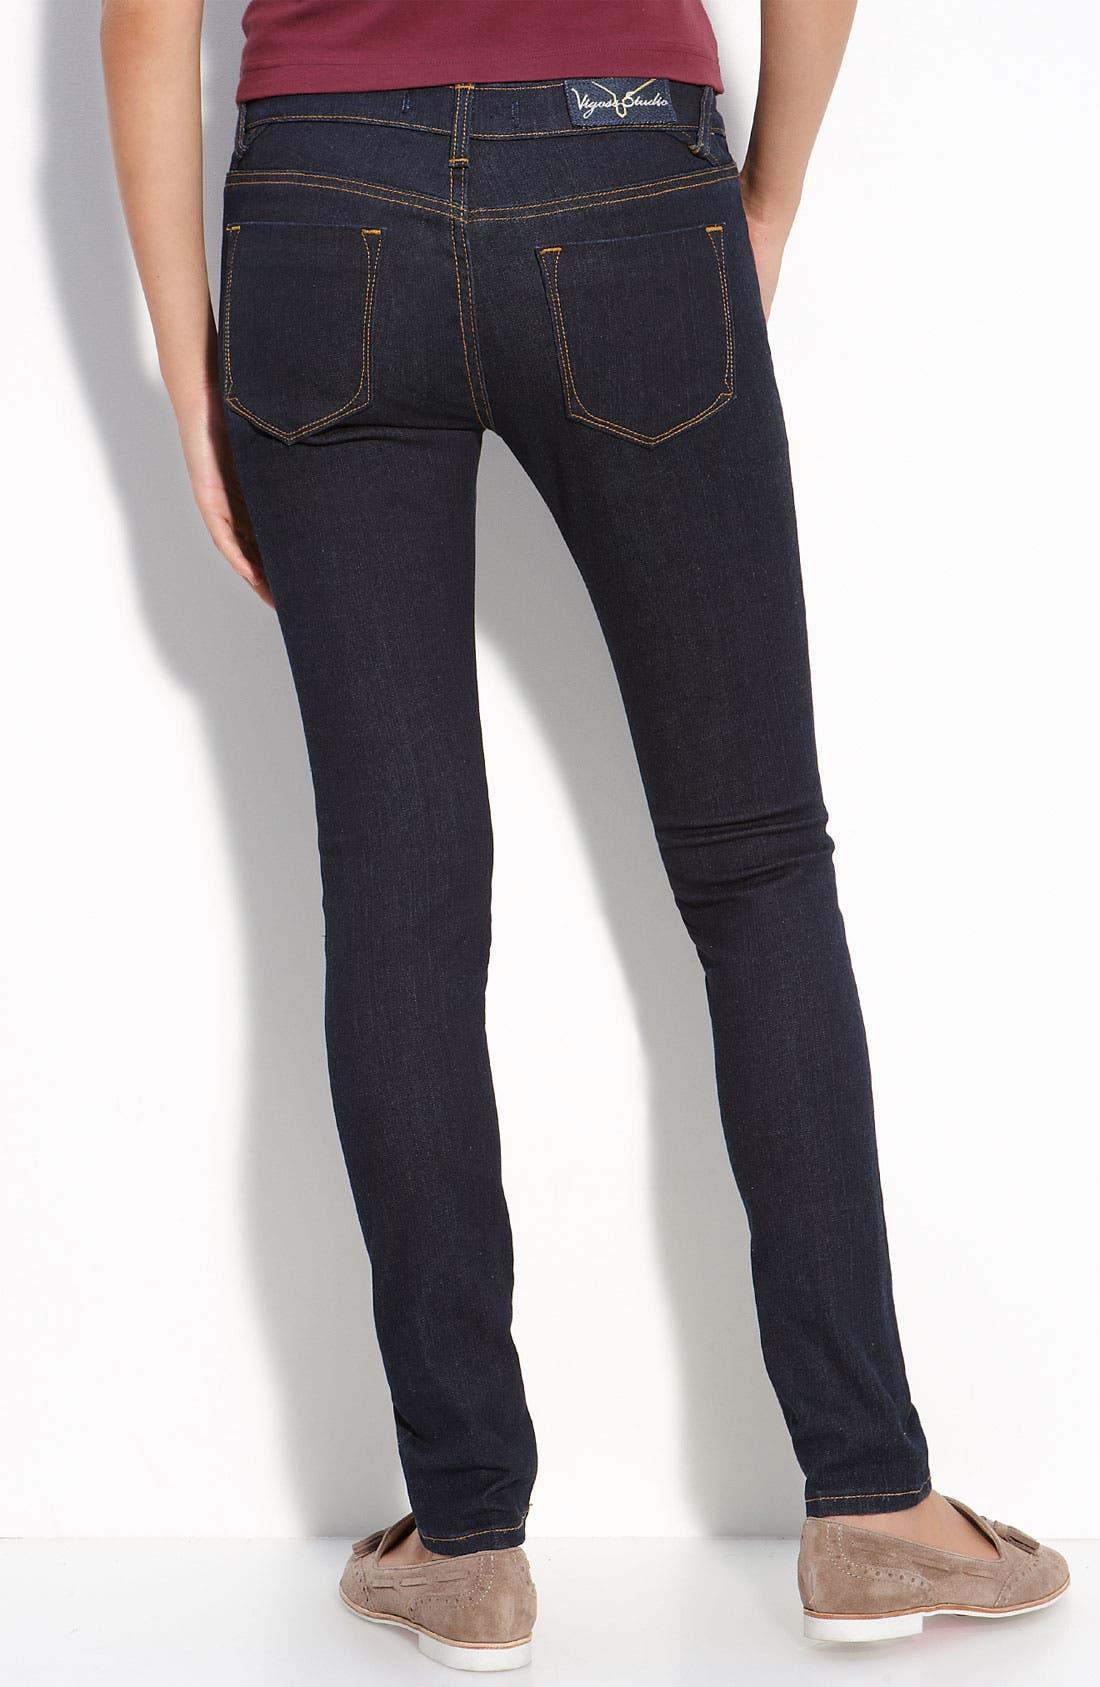 Main Image - Vigoss Skinny Jeans (Juniors Regular & Long)